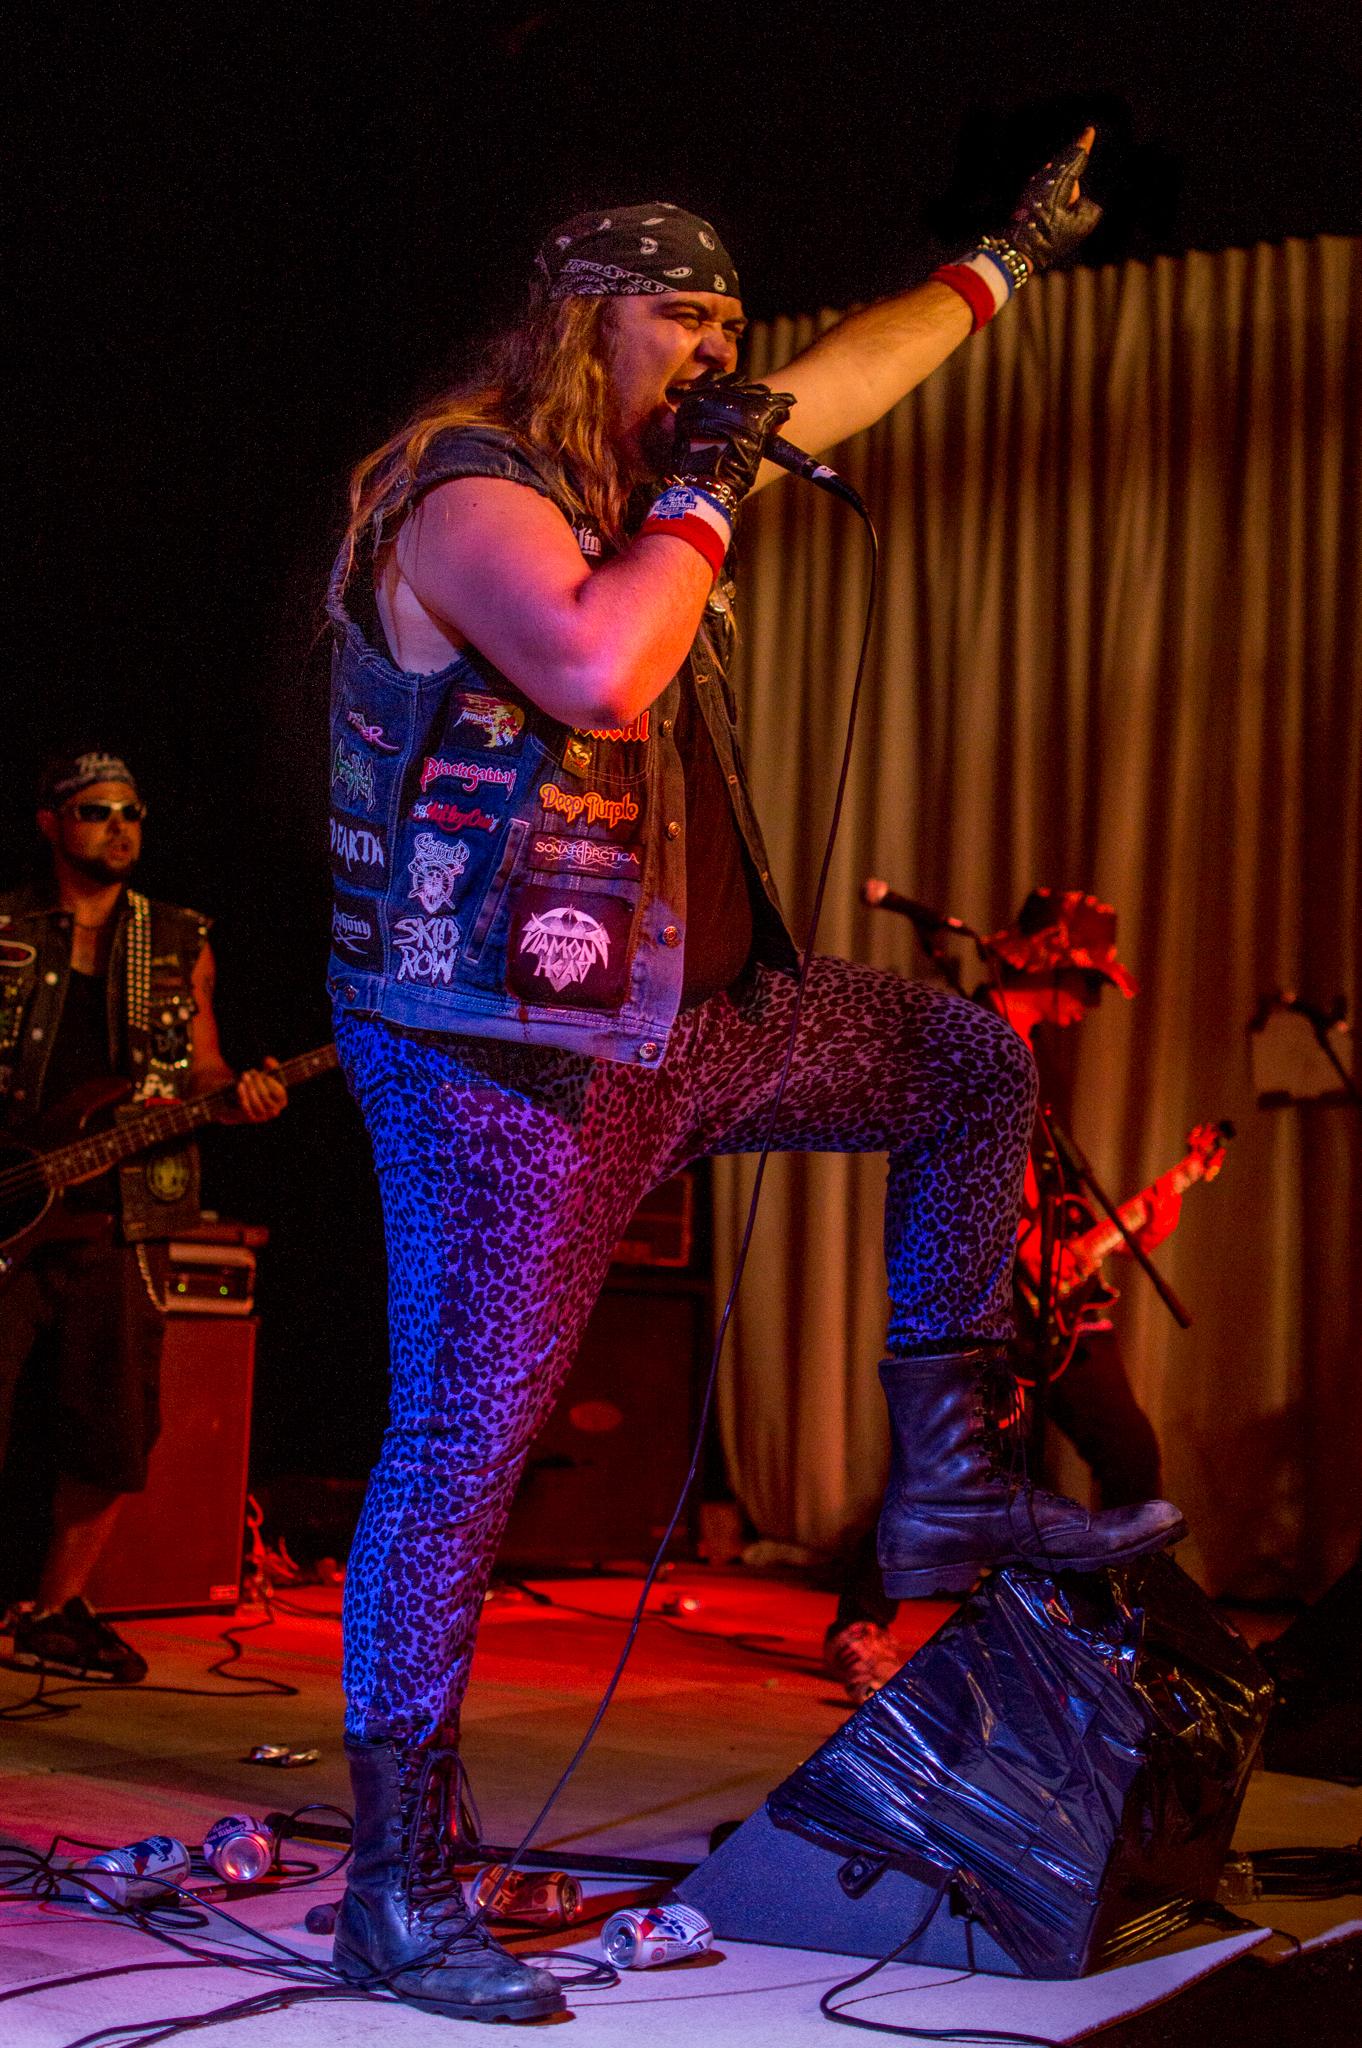 Omnislash at Heavy Rebel Weekender